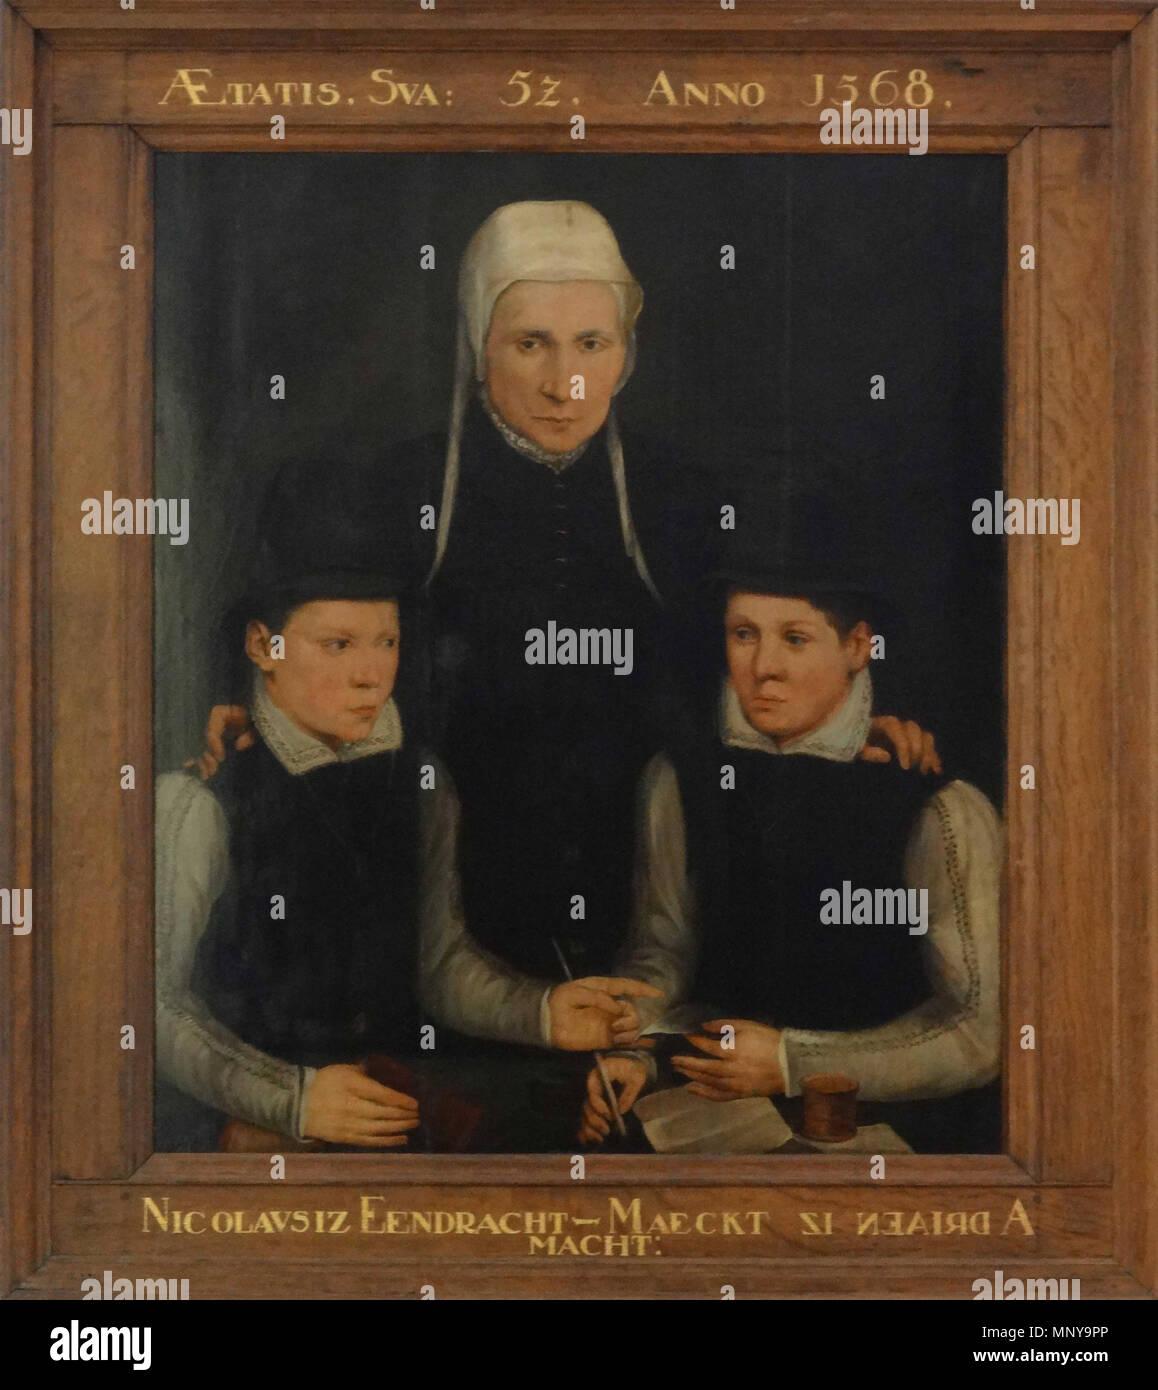 Schilderij Met Eigen Foto.Nederlands Eigen Foto Van Een Schilderij Uit 1568 Afkomstig Uit Het